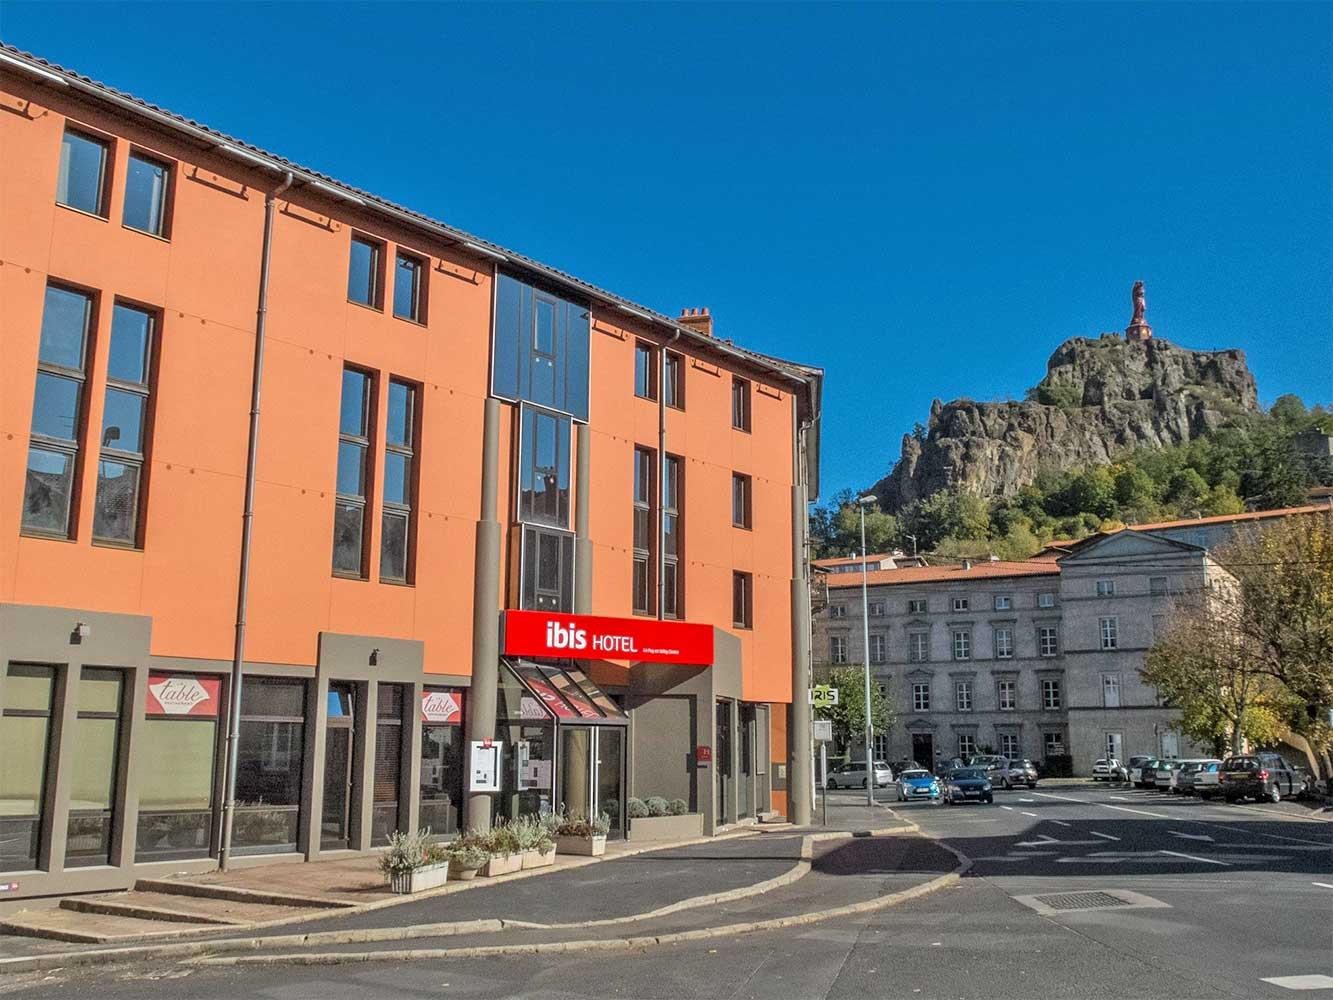 Ibis Hotel Le Puy En Velay